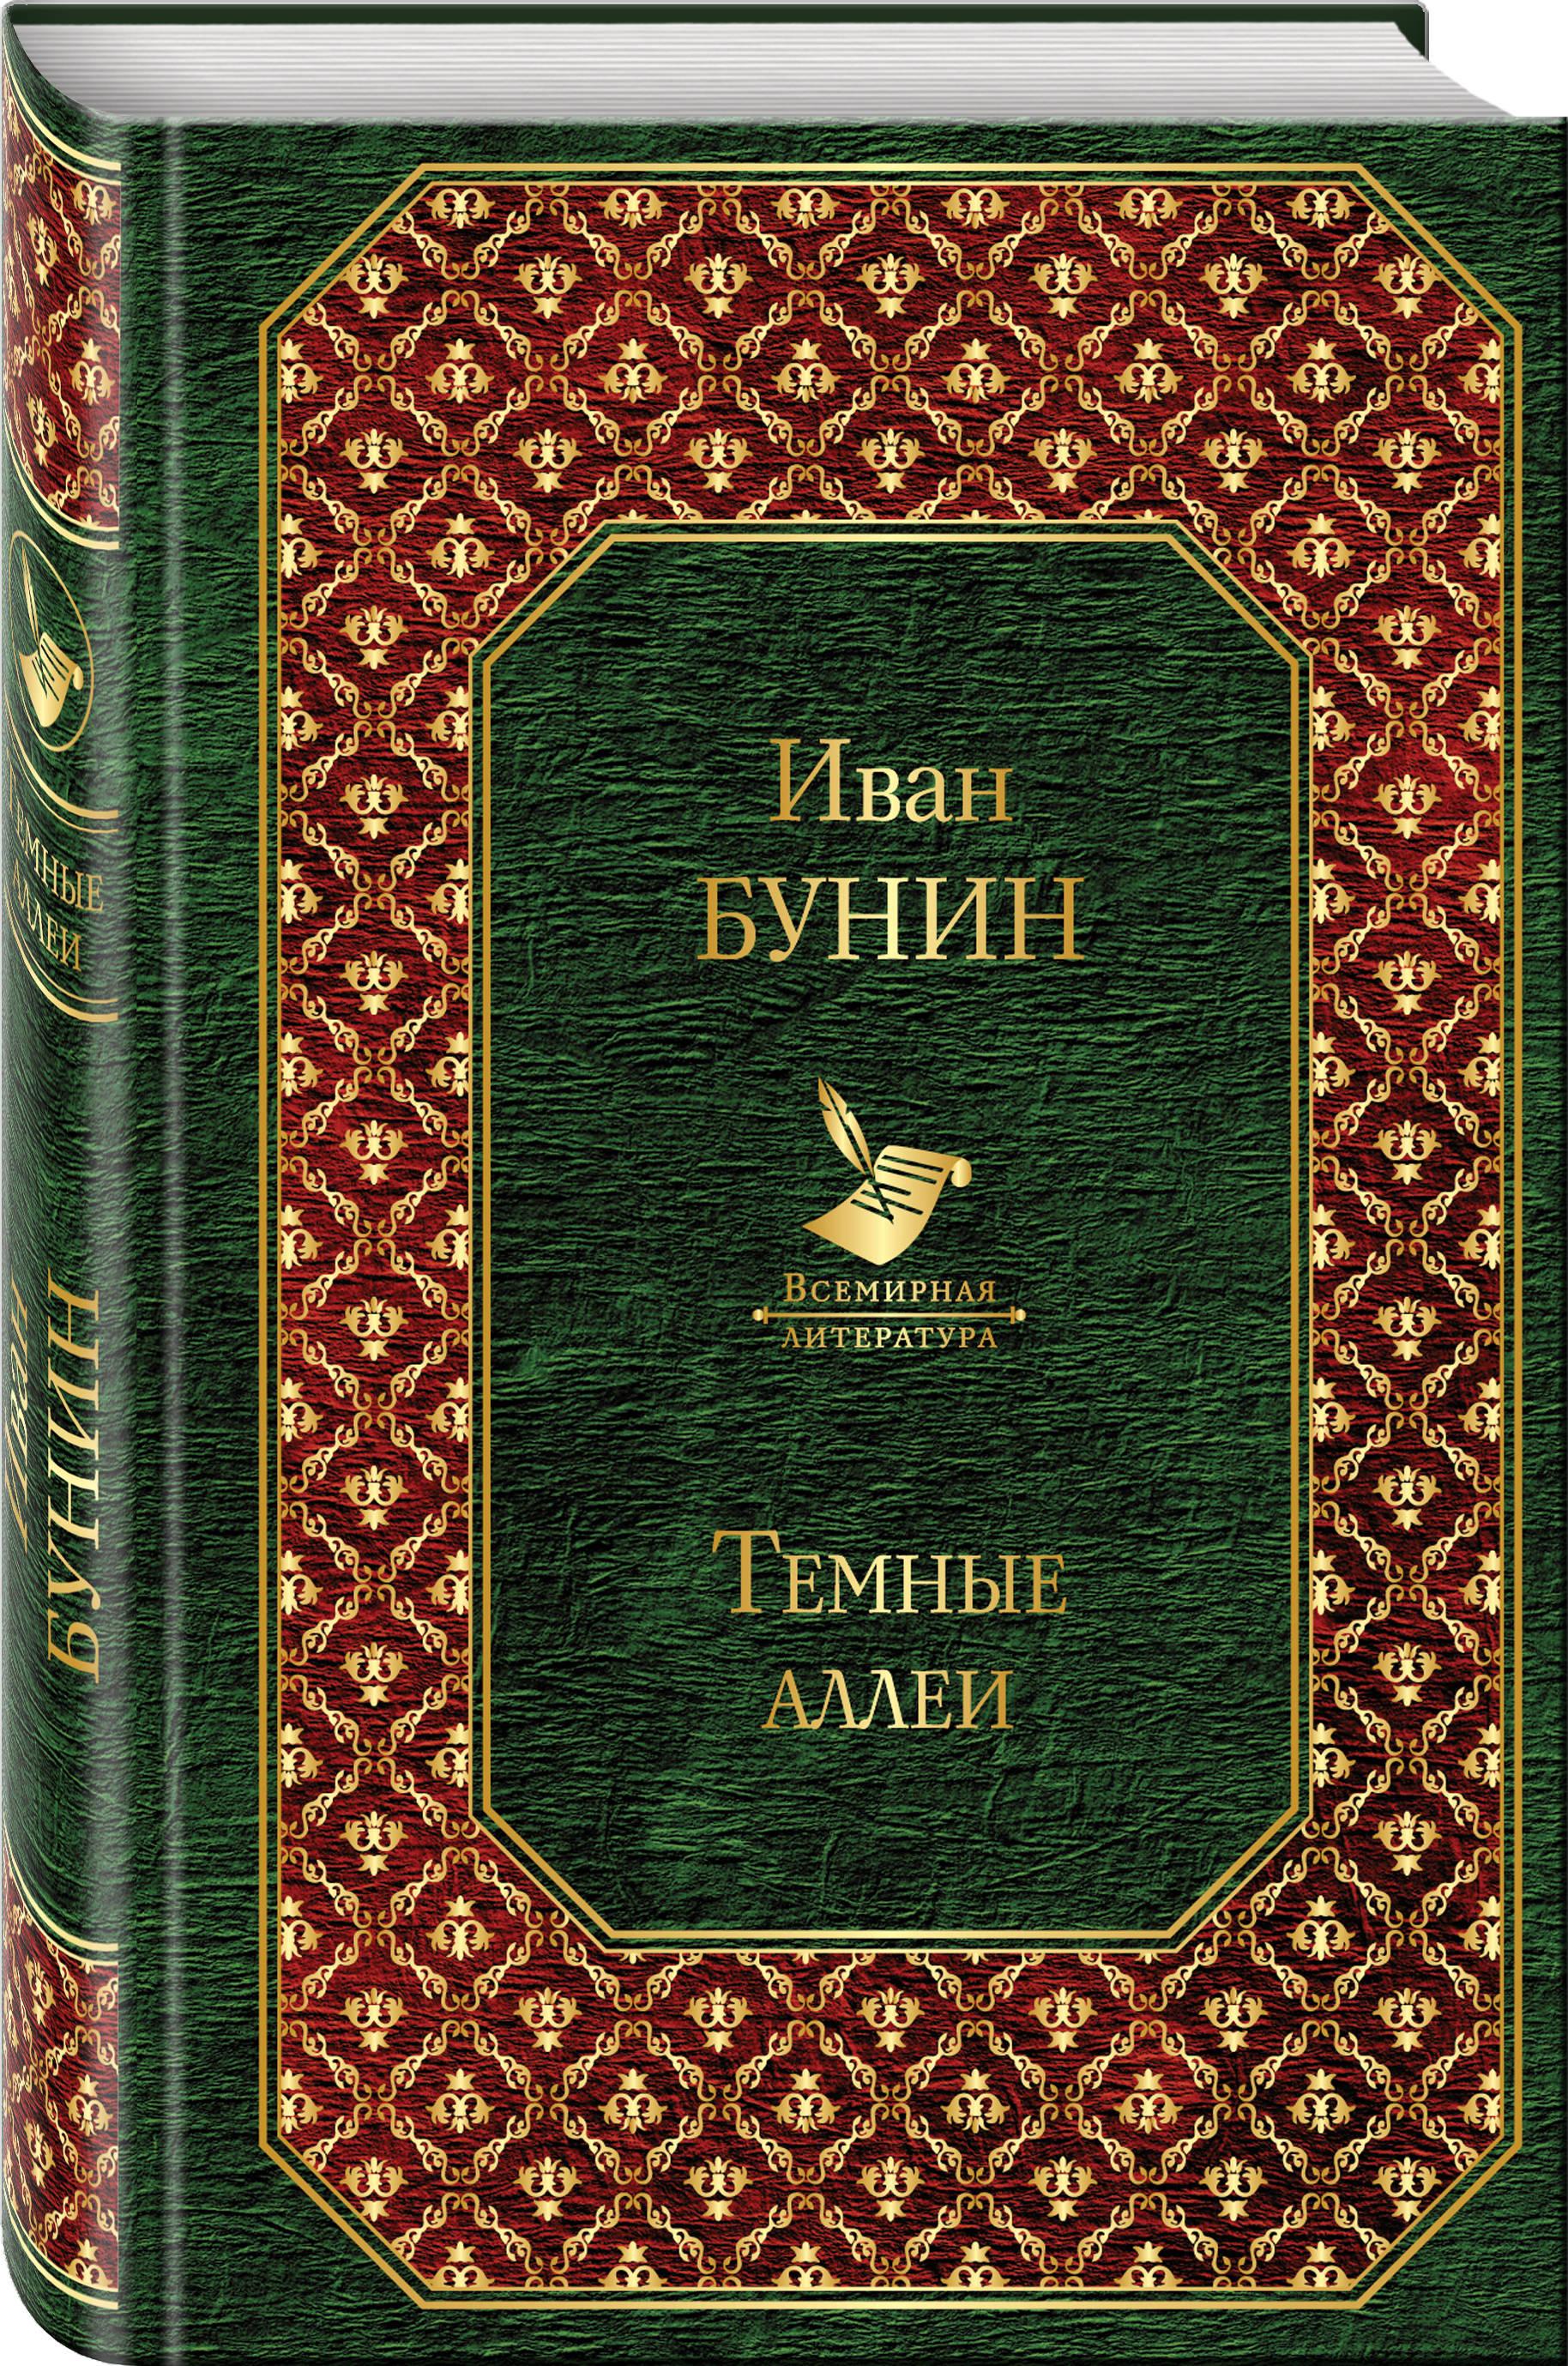 купить Иван Бунин Темные аллеи по цене 141 рублей